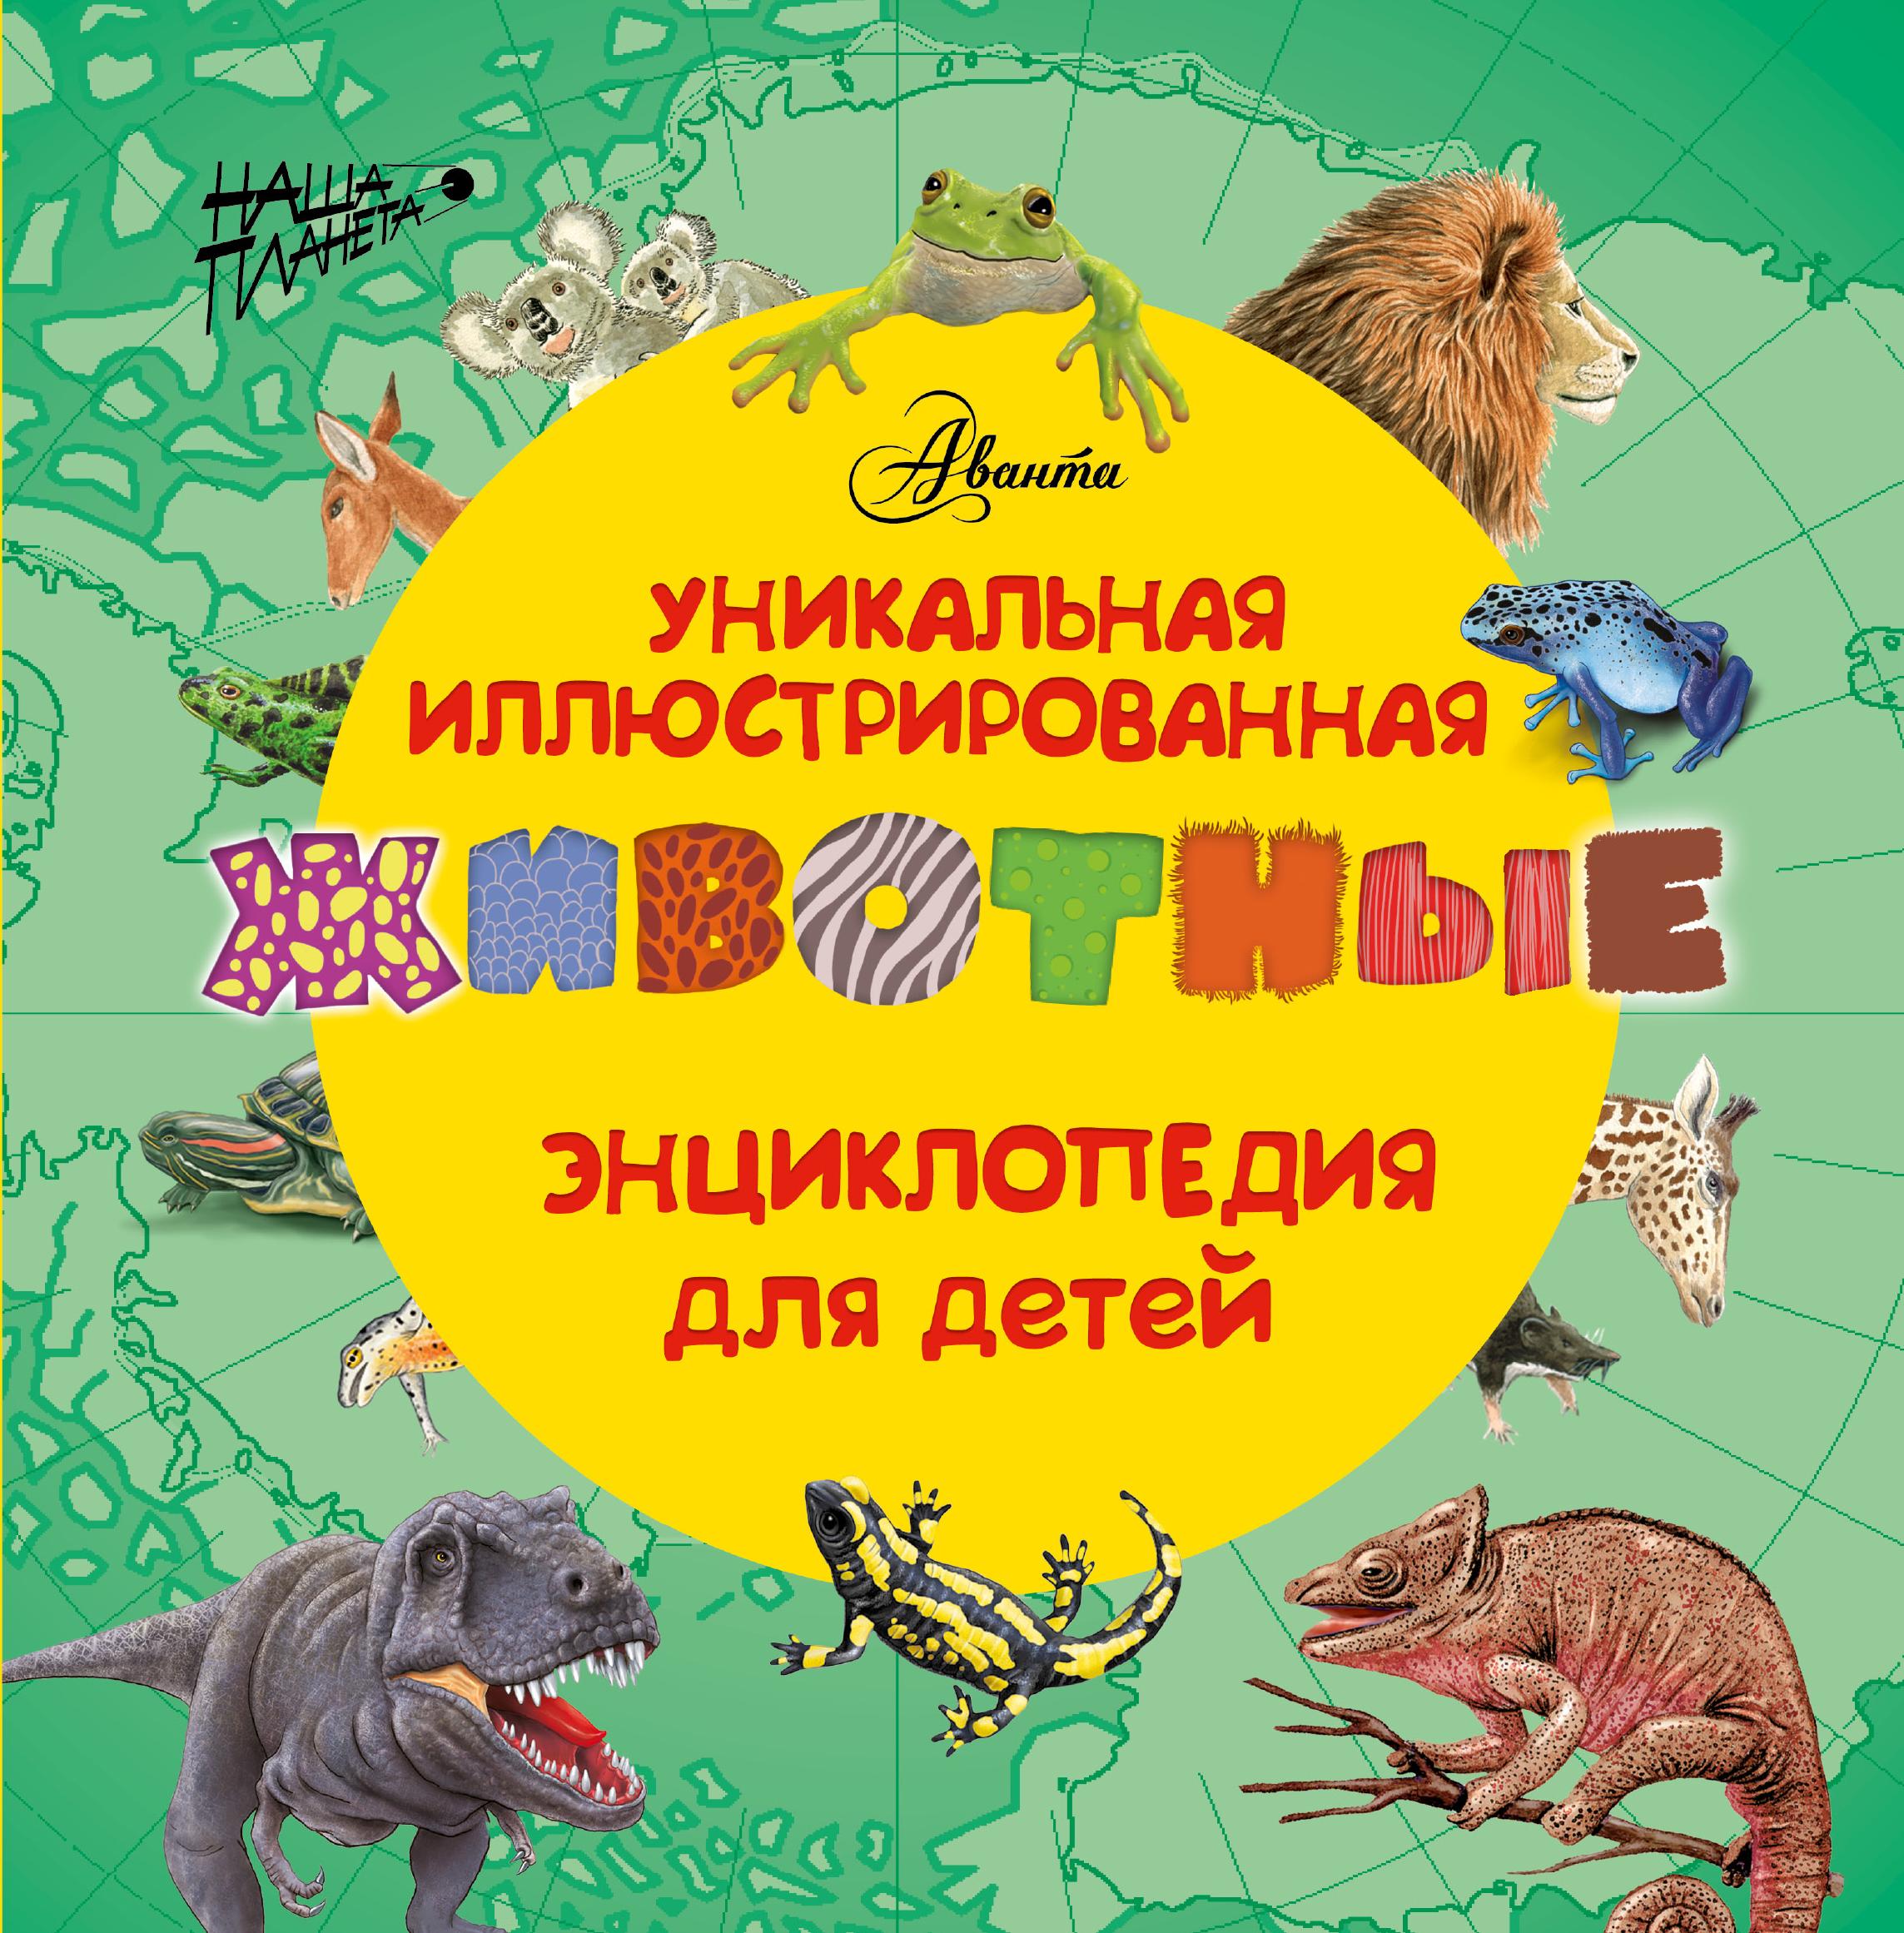 . Животные. Уникальная иллюстрированная энциклопедия для детей культуры мира иллюстрированная энциклопедия для детей